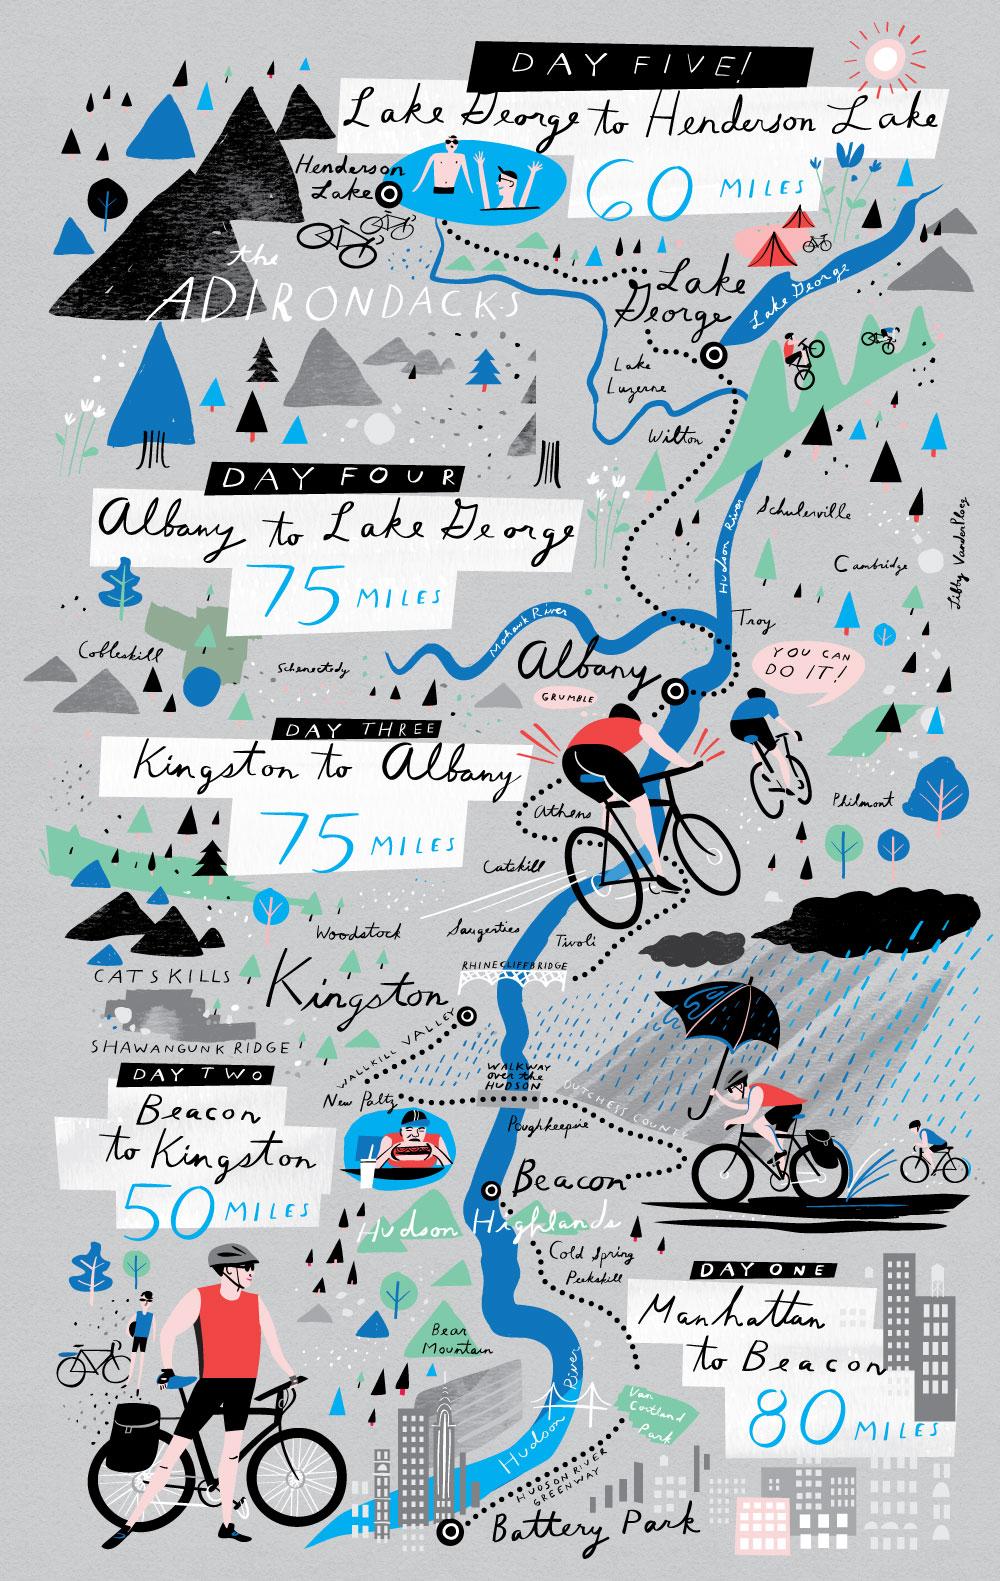 Me encantaría poder ilustrar así una de mis excursiones en bicicleta